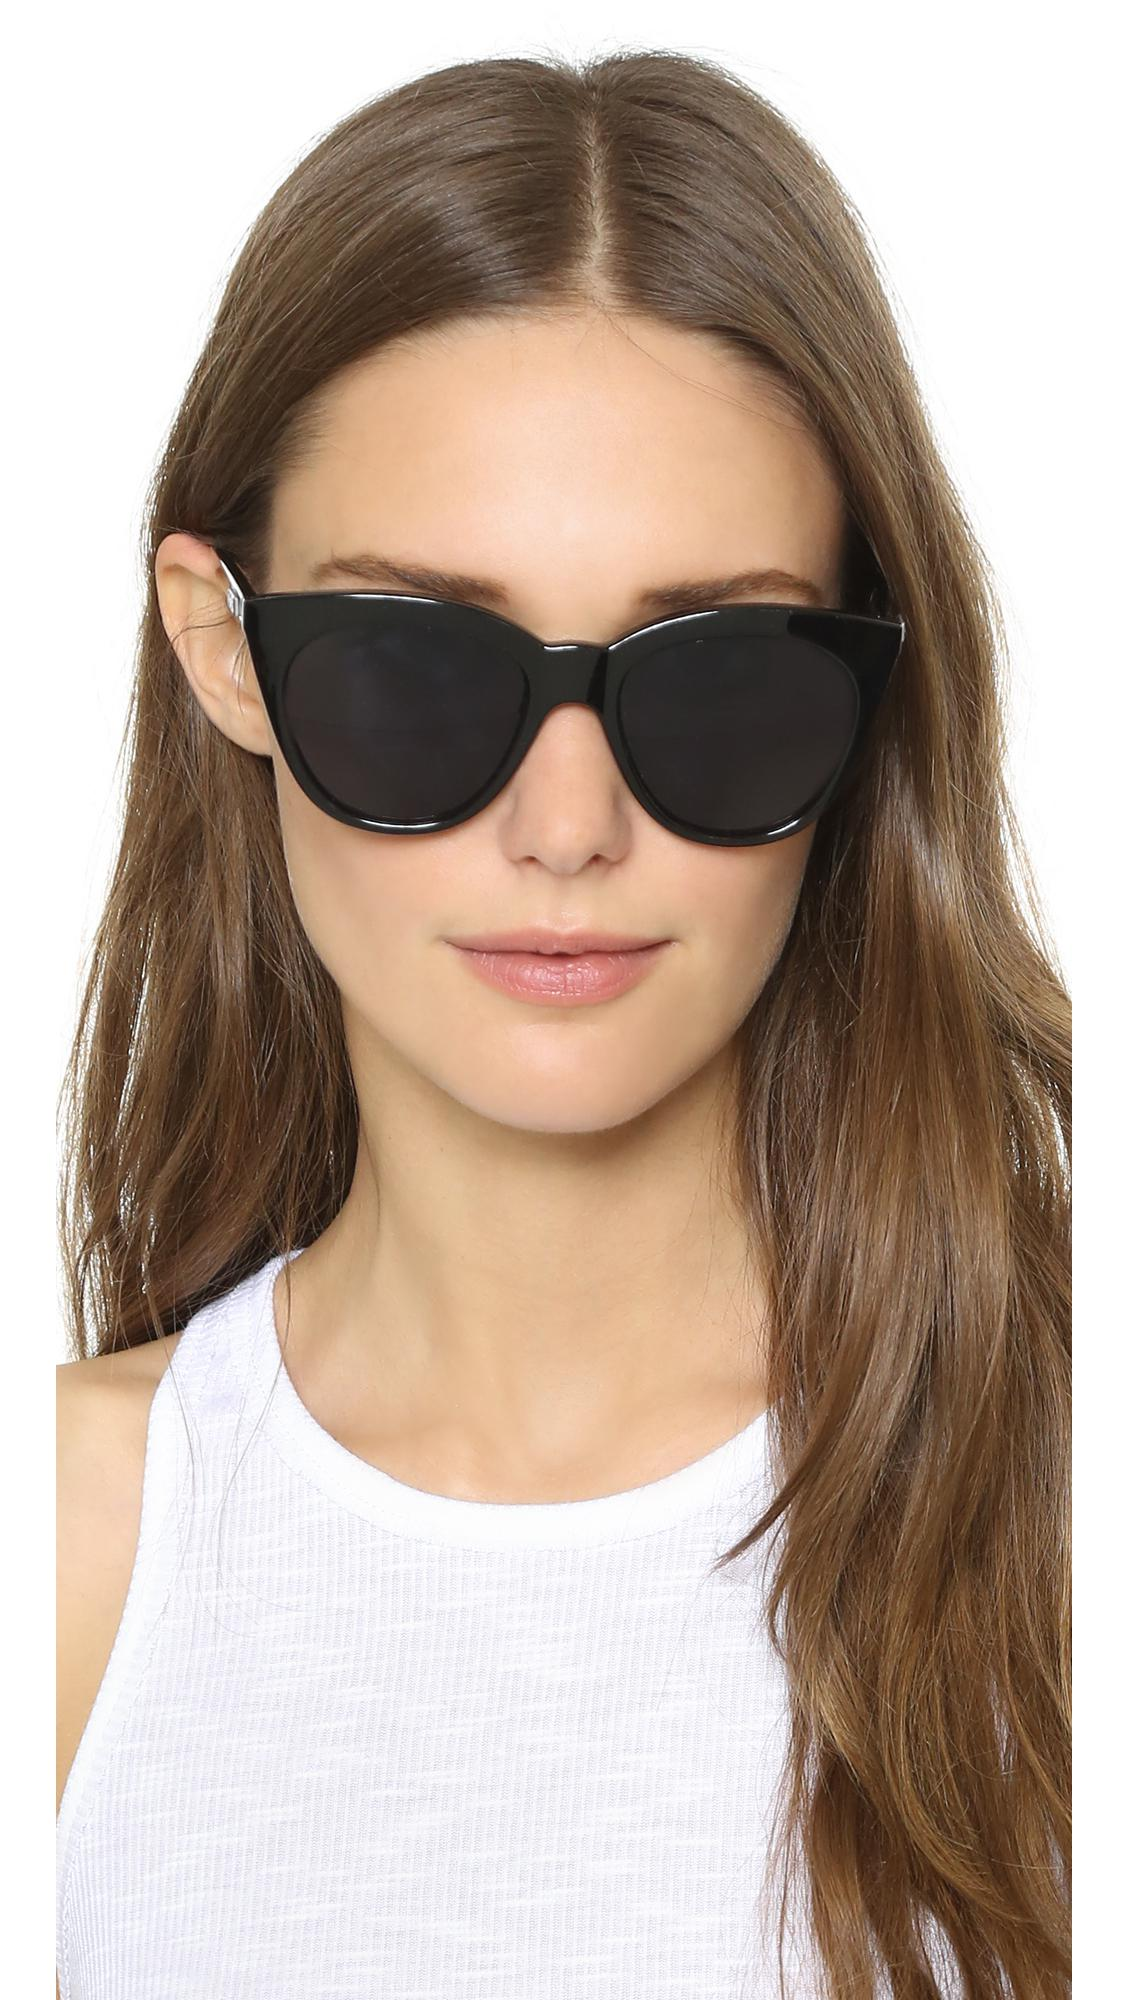 709afb5912 Le Specs - Black Half Moon Magic Sunglasses - Lyst. View fullscreen